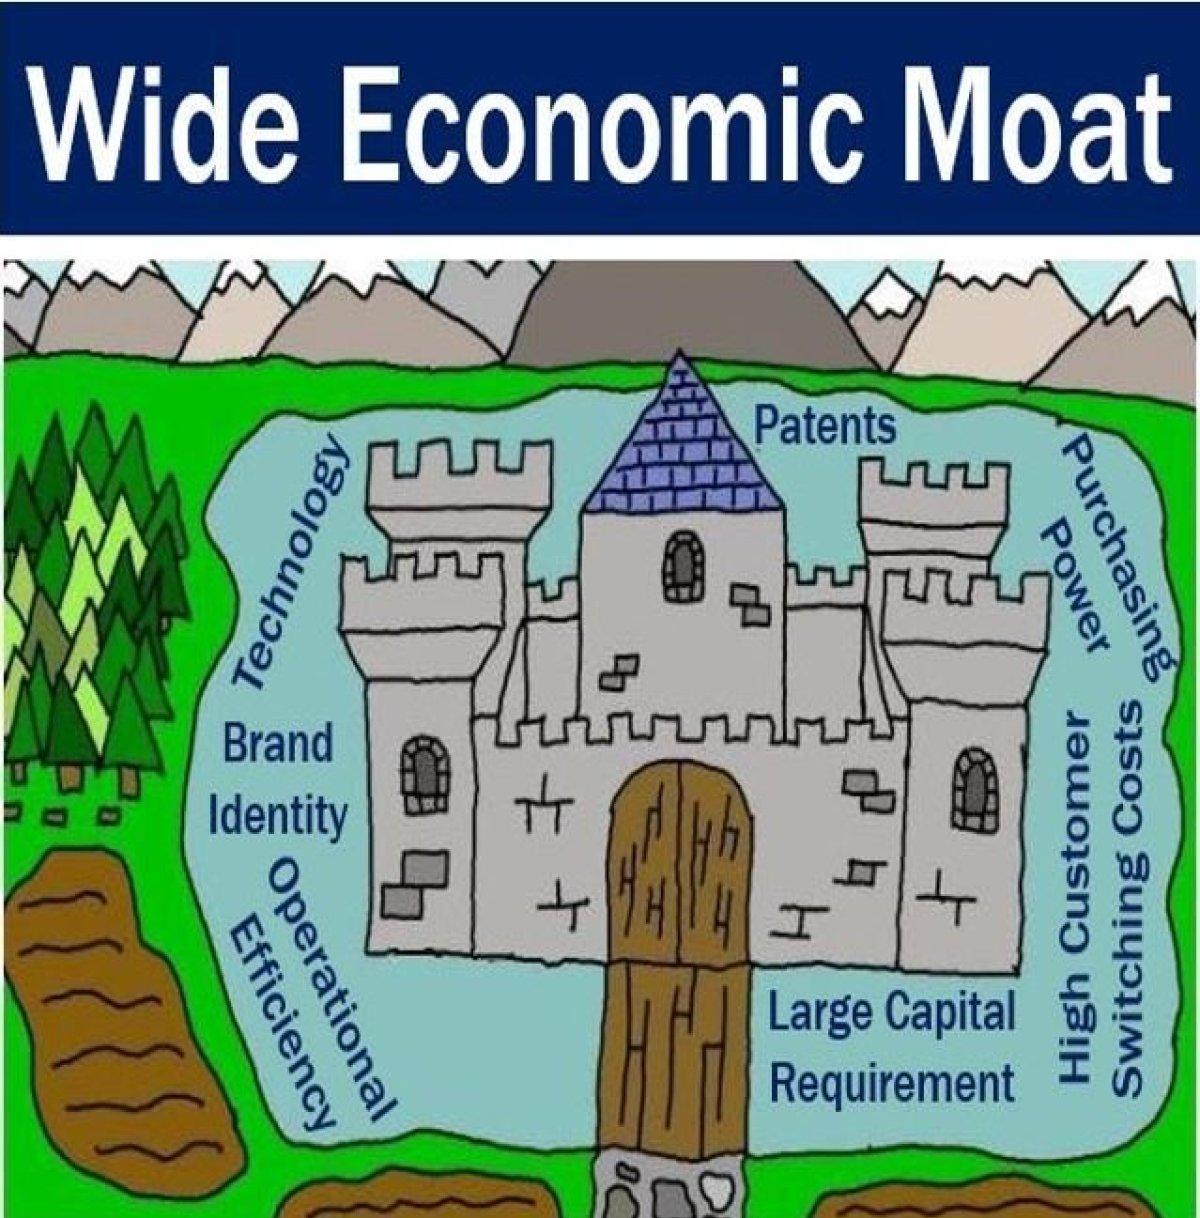 Mạng lưới của hào kinh tế là gì?